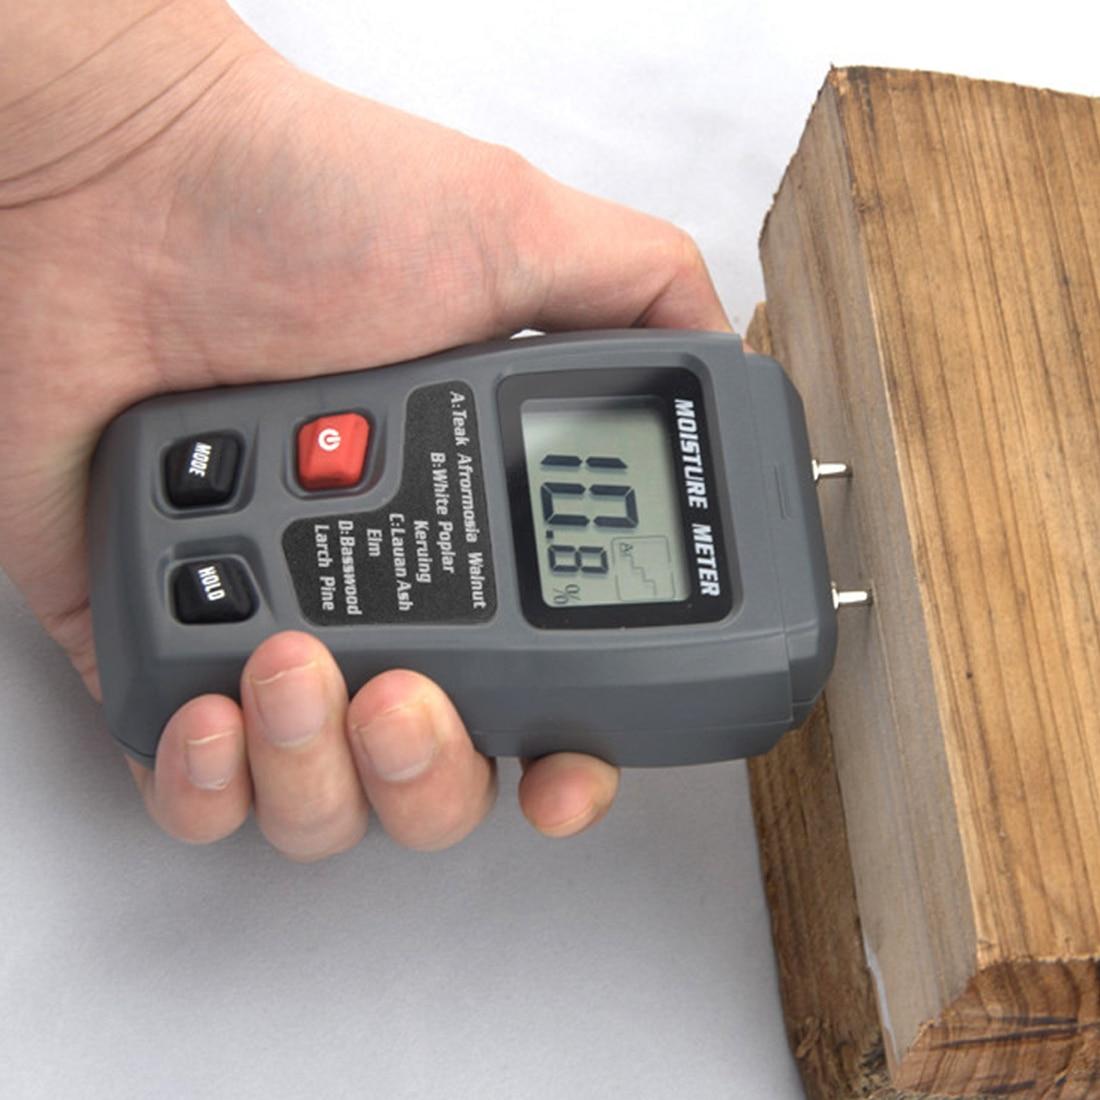 Timber Detector Damp 0.5 Per Cento Precisione Misuratore di Umidità Prova Due Perni Digital Wood Moisture Meter Umidità Tester 0-99.9%